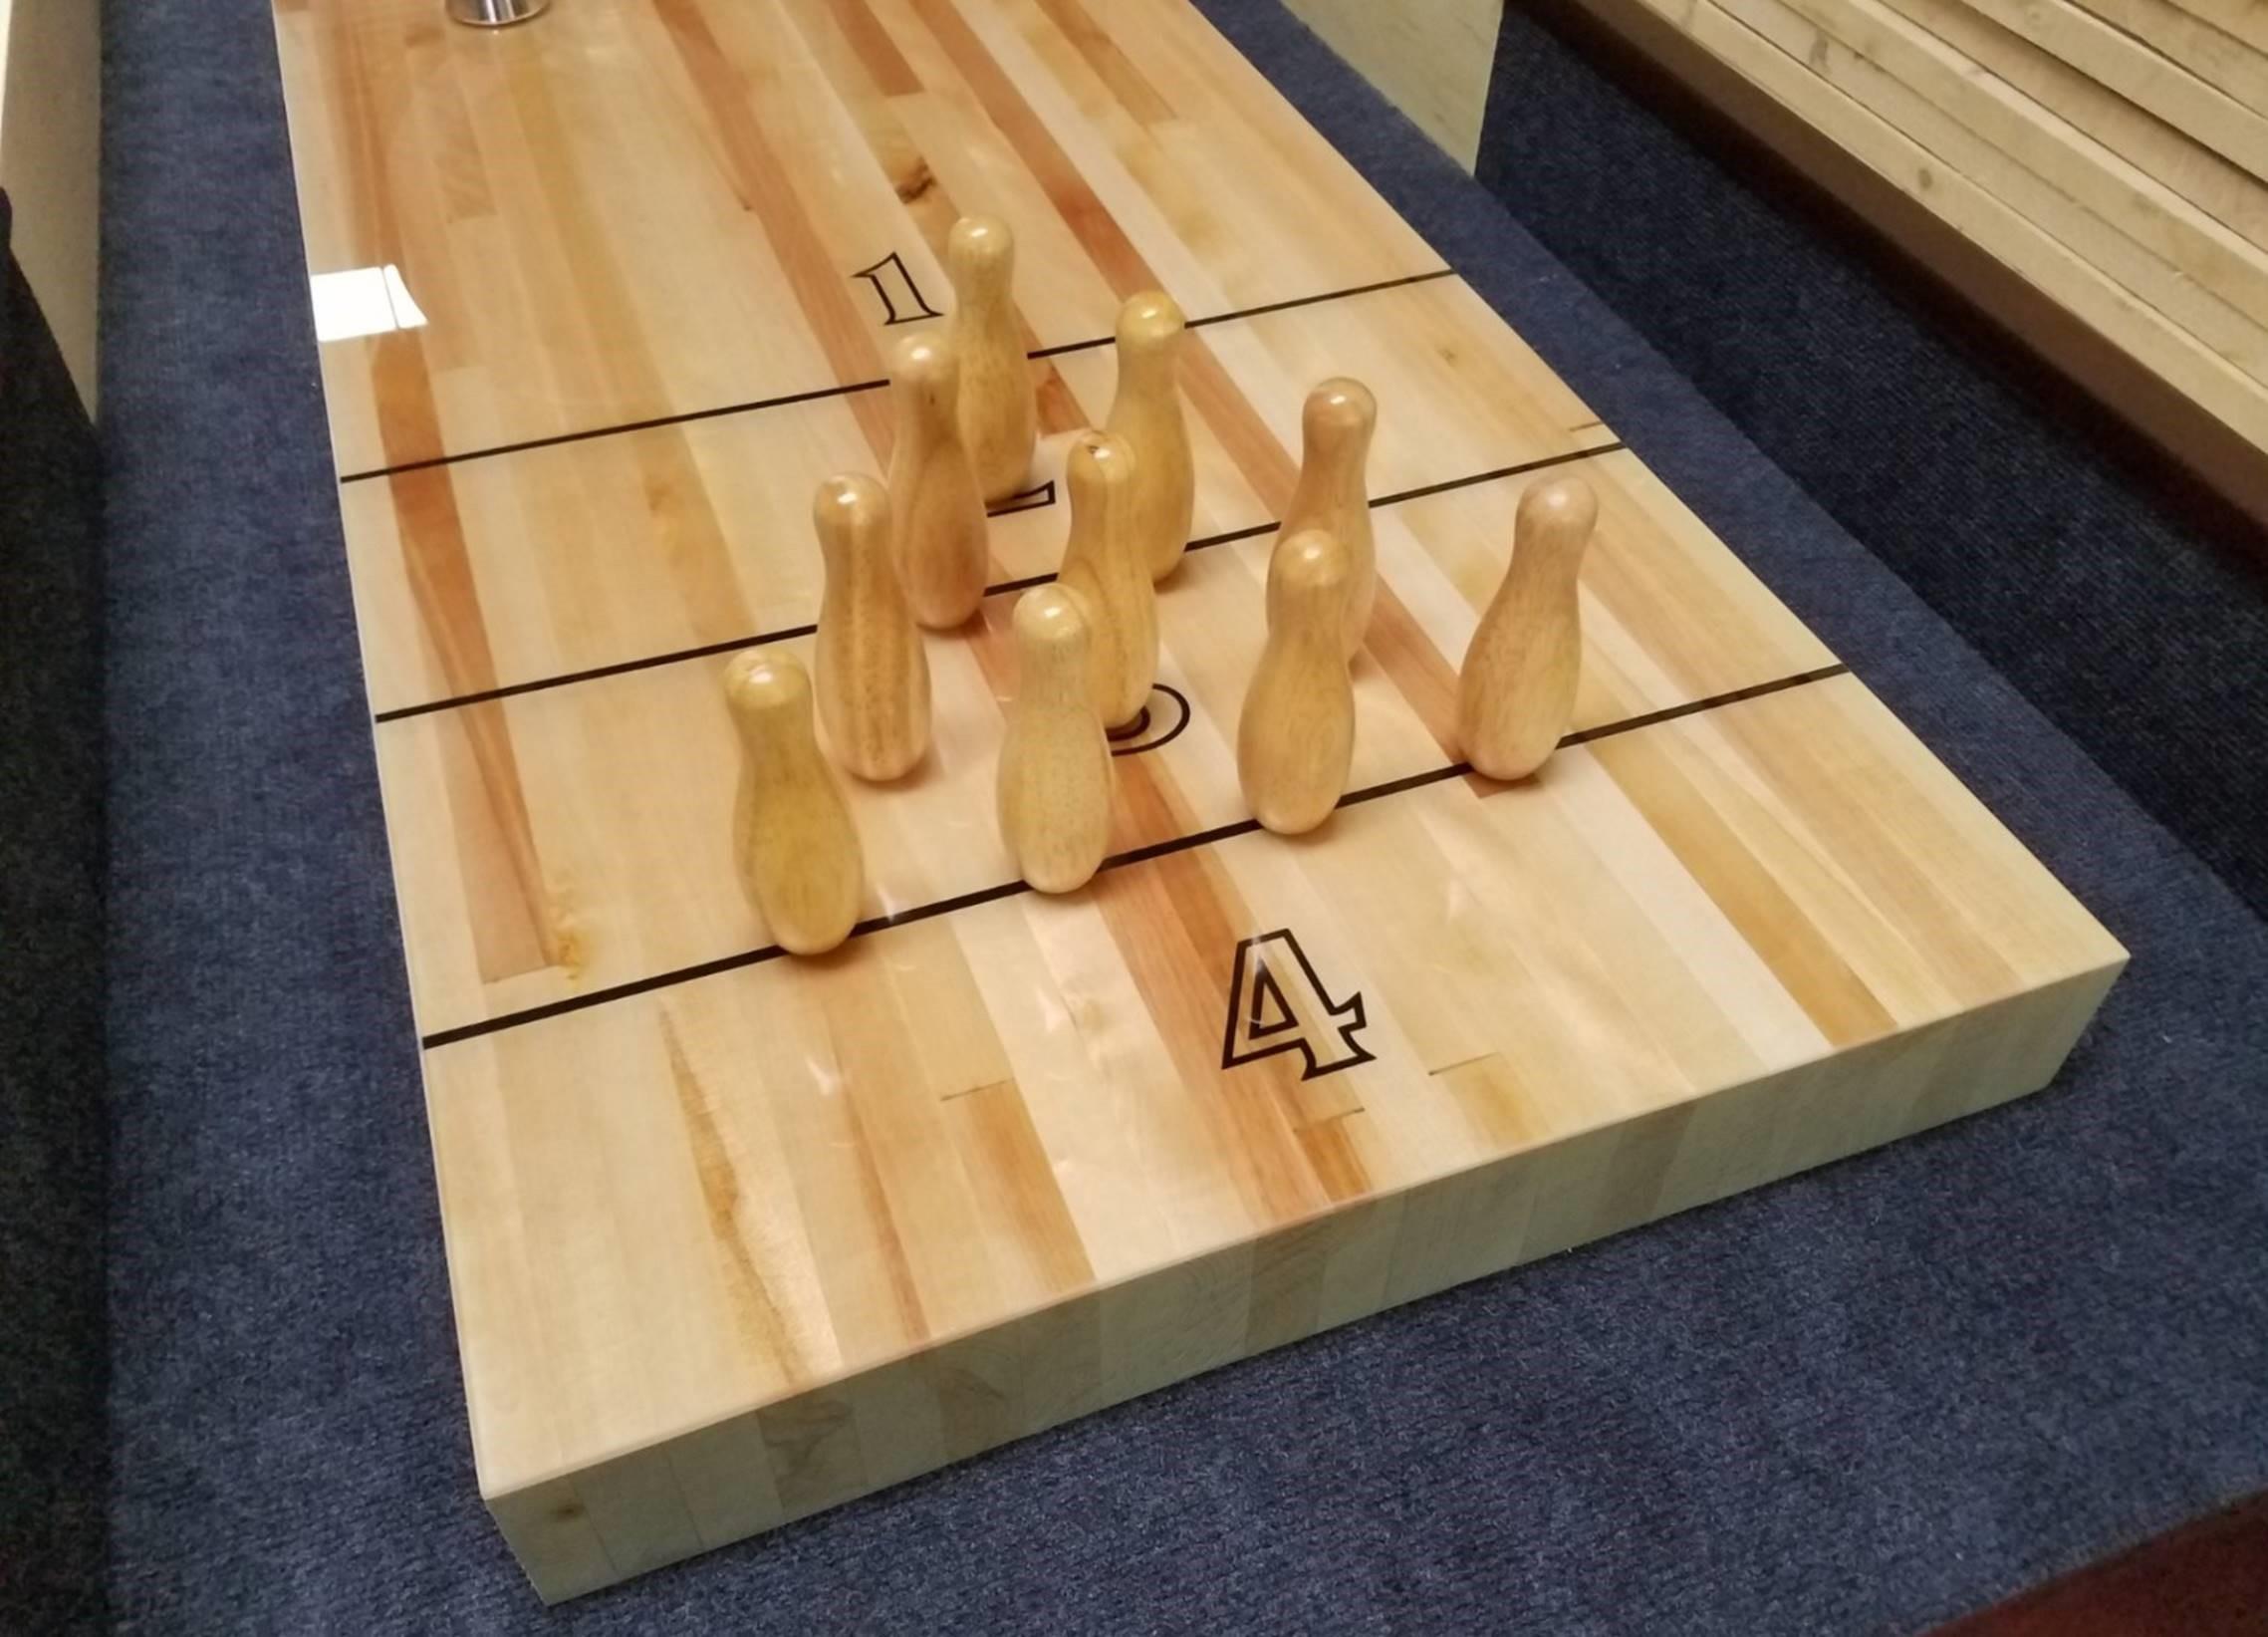 bowlingkjegler til shuffleboard